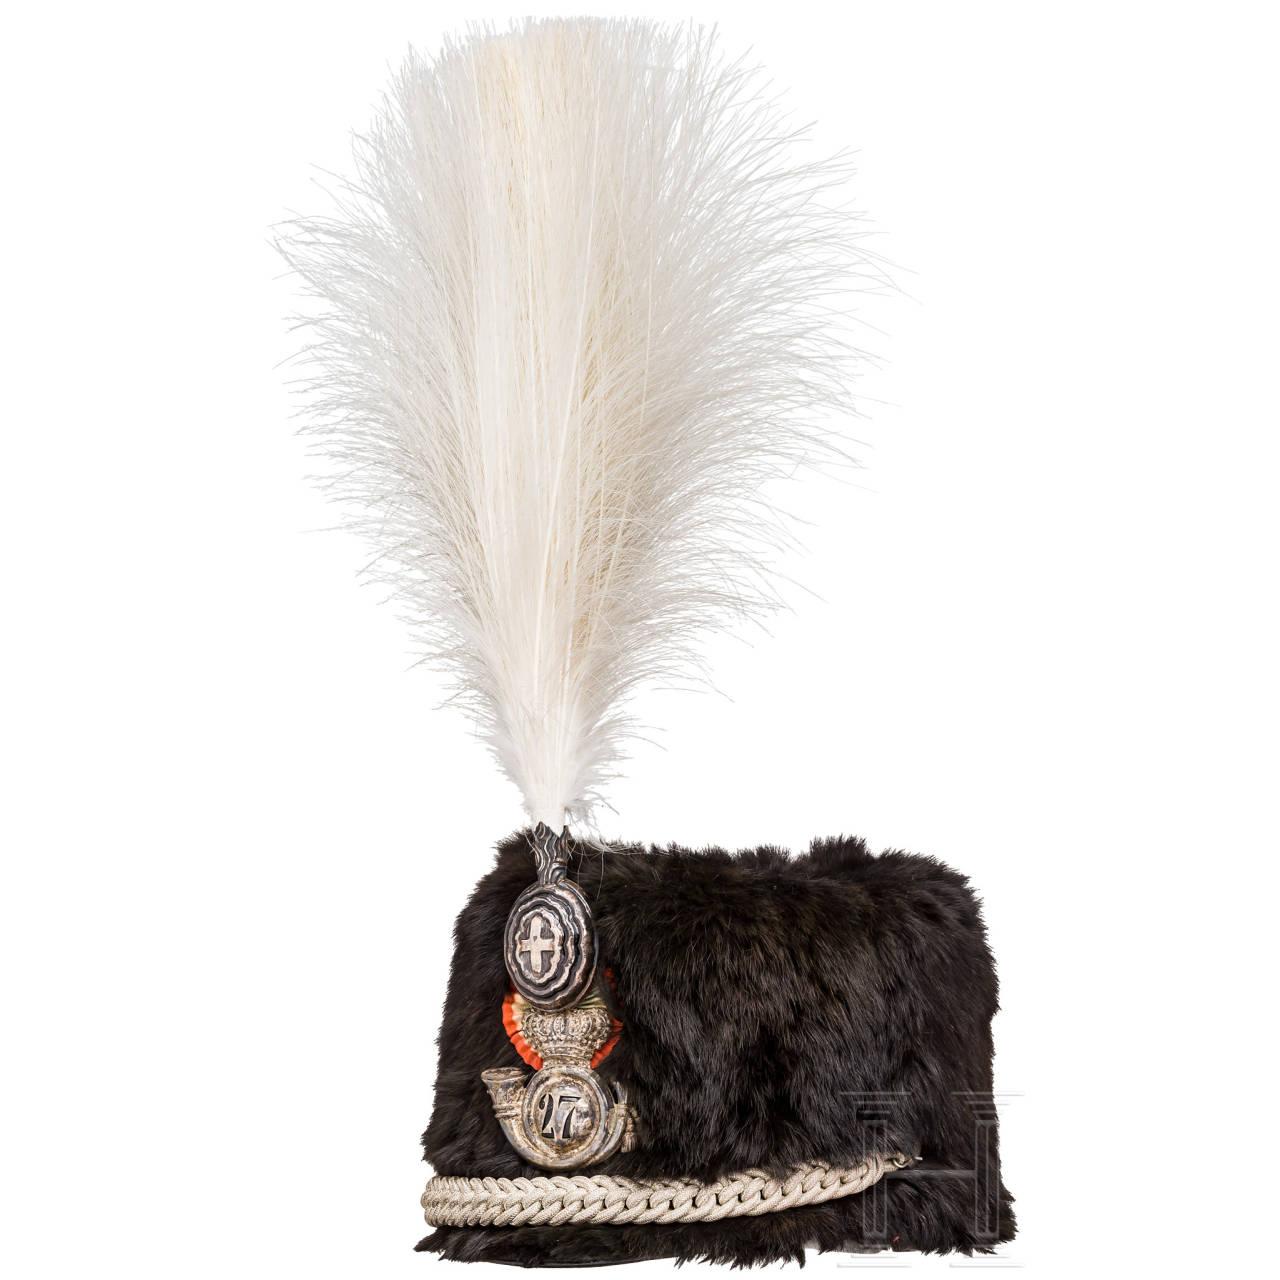 """Fur cap of the colonel commander of the Reggimento """"Cavalleggeri di Aquila"""" no. 27, 1st half of the 20th century"""